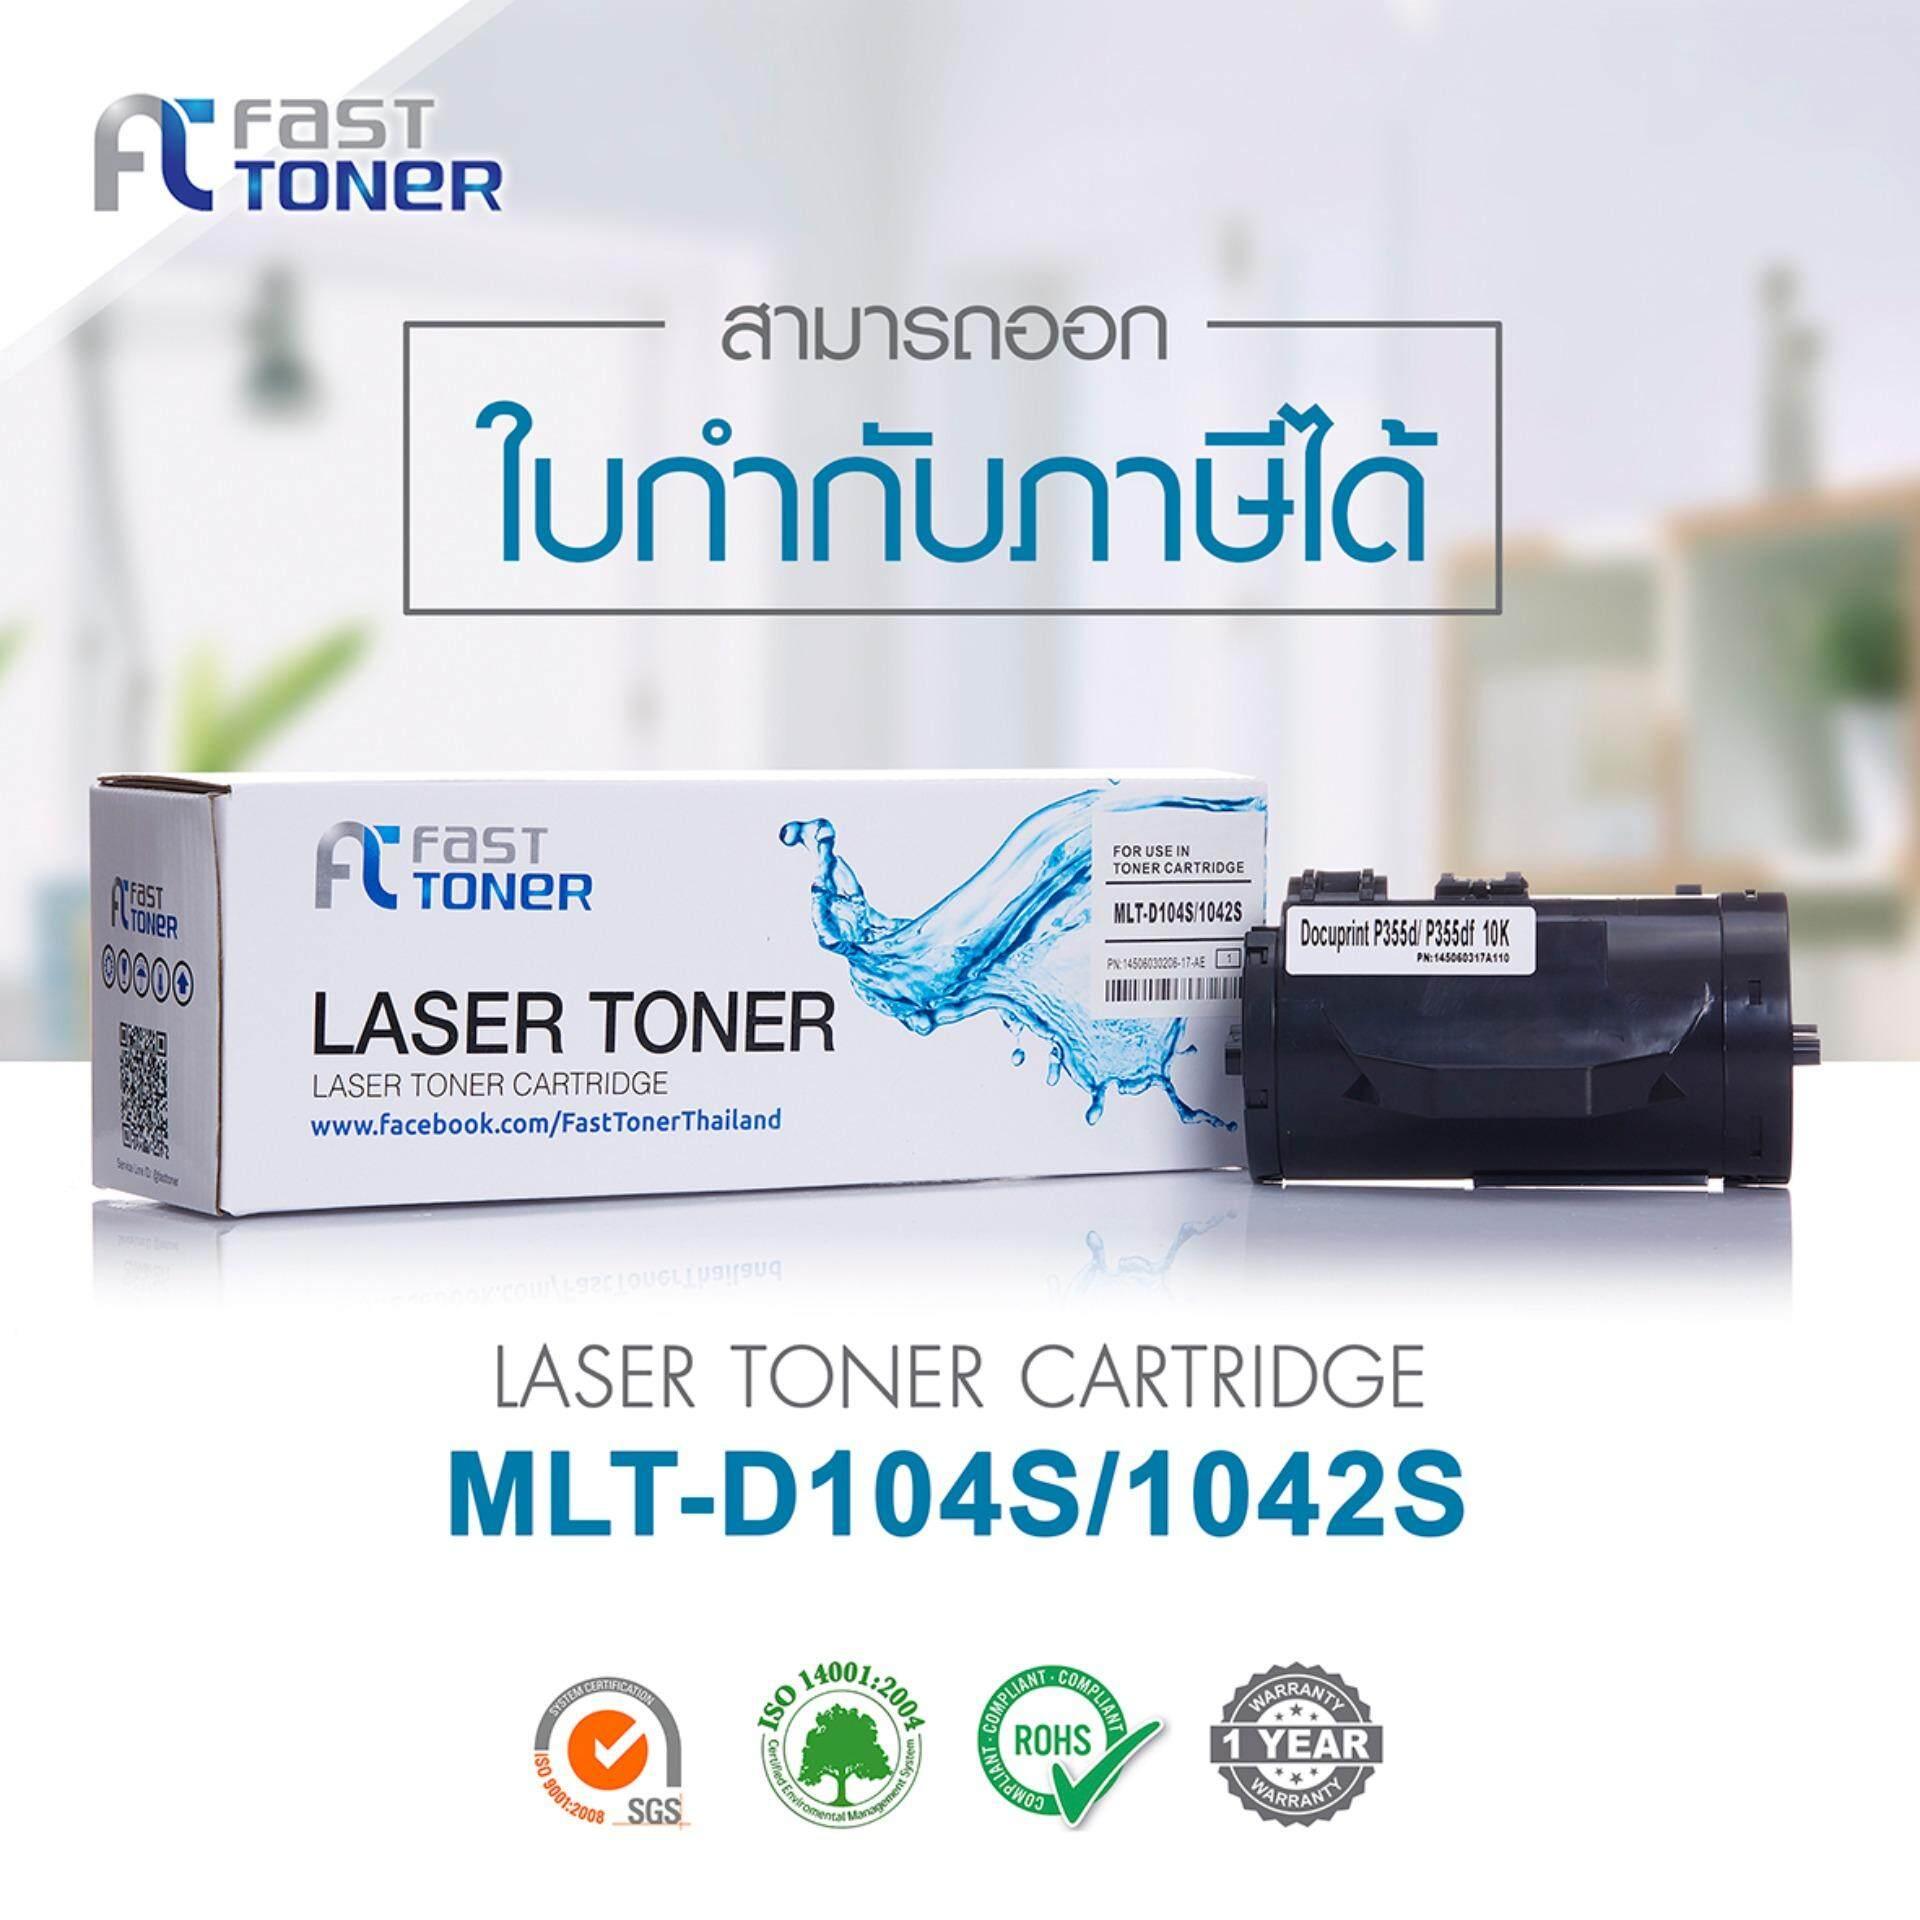 ซื้อ Fast Toner ตลับเทียบเท่าเลเซอร์ Samsung Mlt D104S สำหรับปริ๊นเตอร์ Samsung Ml 1660 1661 1665 1666 1675 1860 1865 1865W Scx 3200 3201 3205 3210 3217 3218 Fast Toner